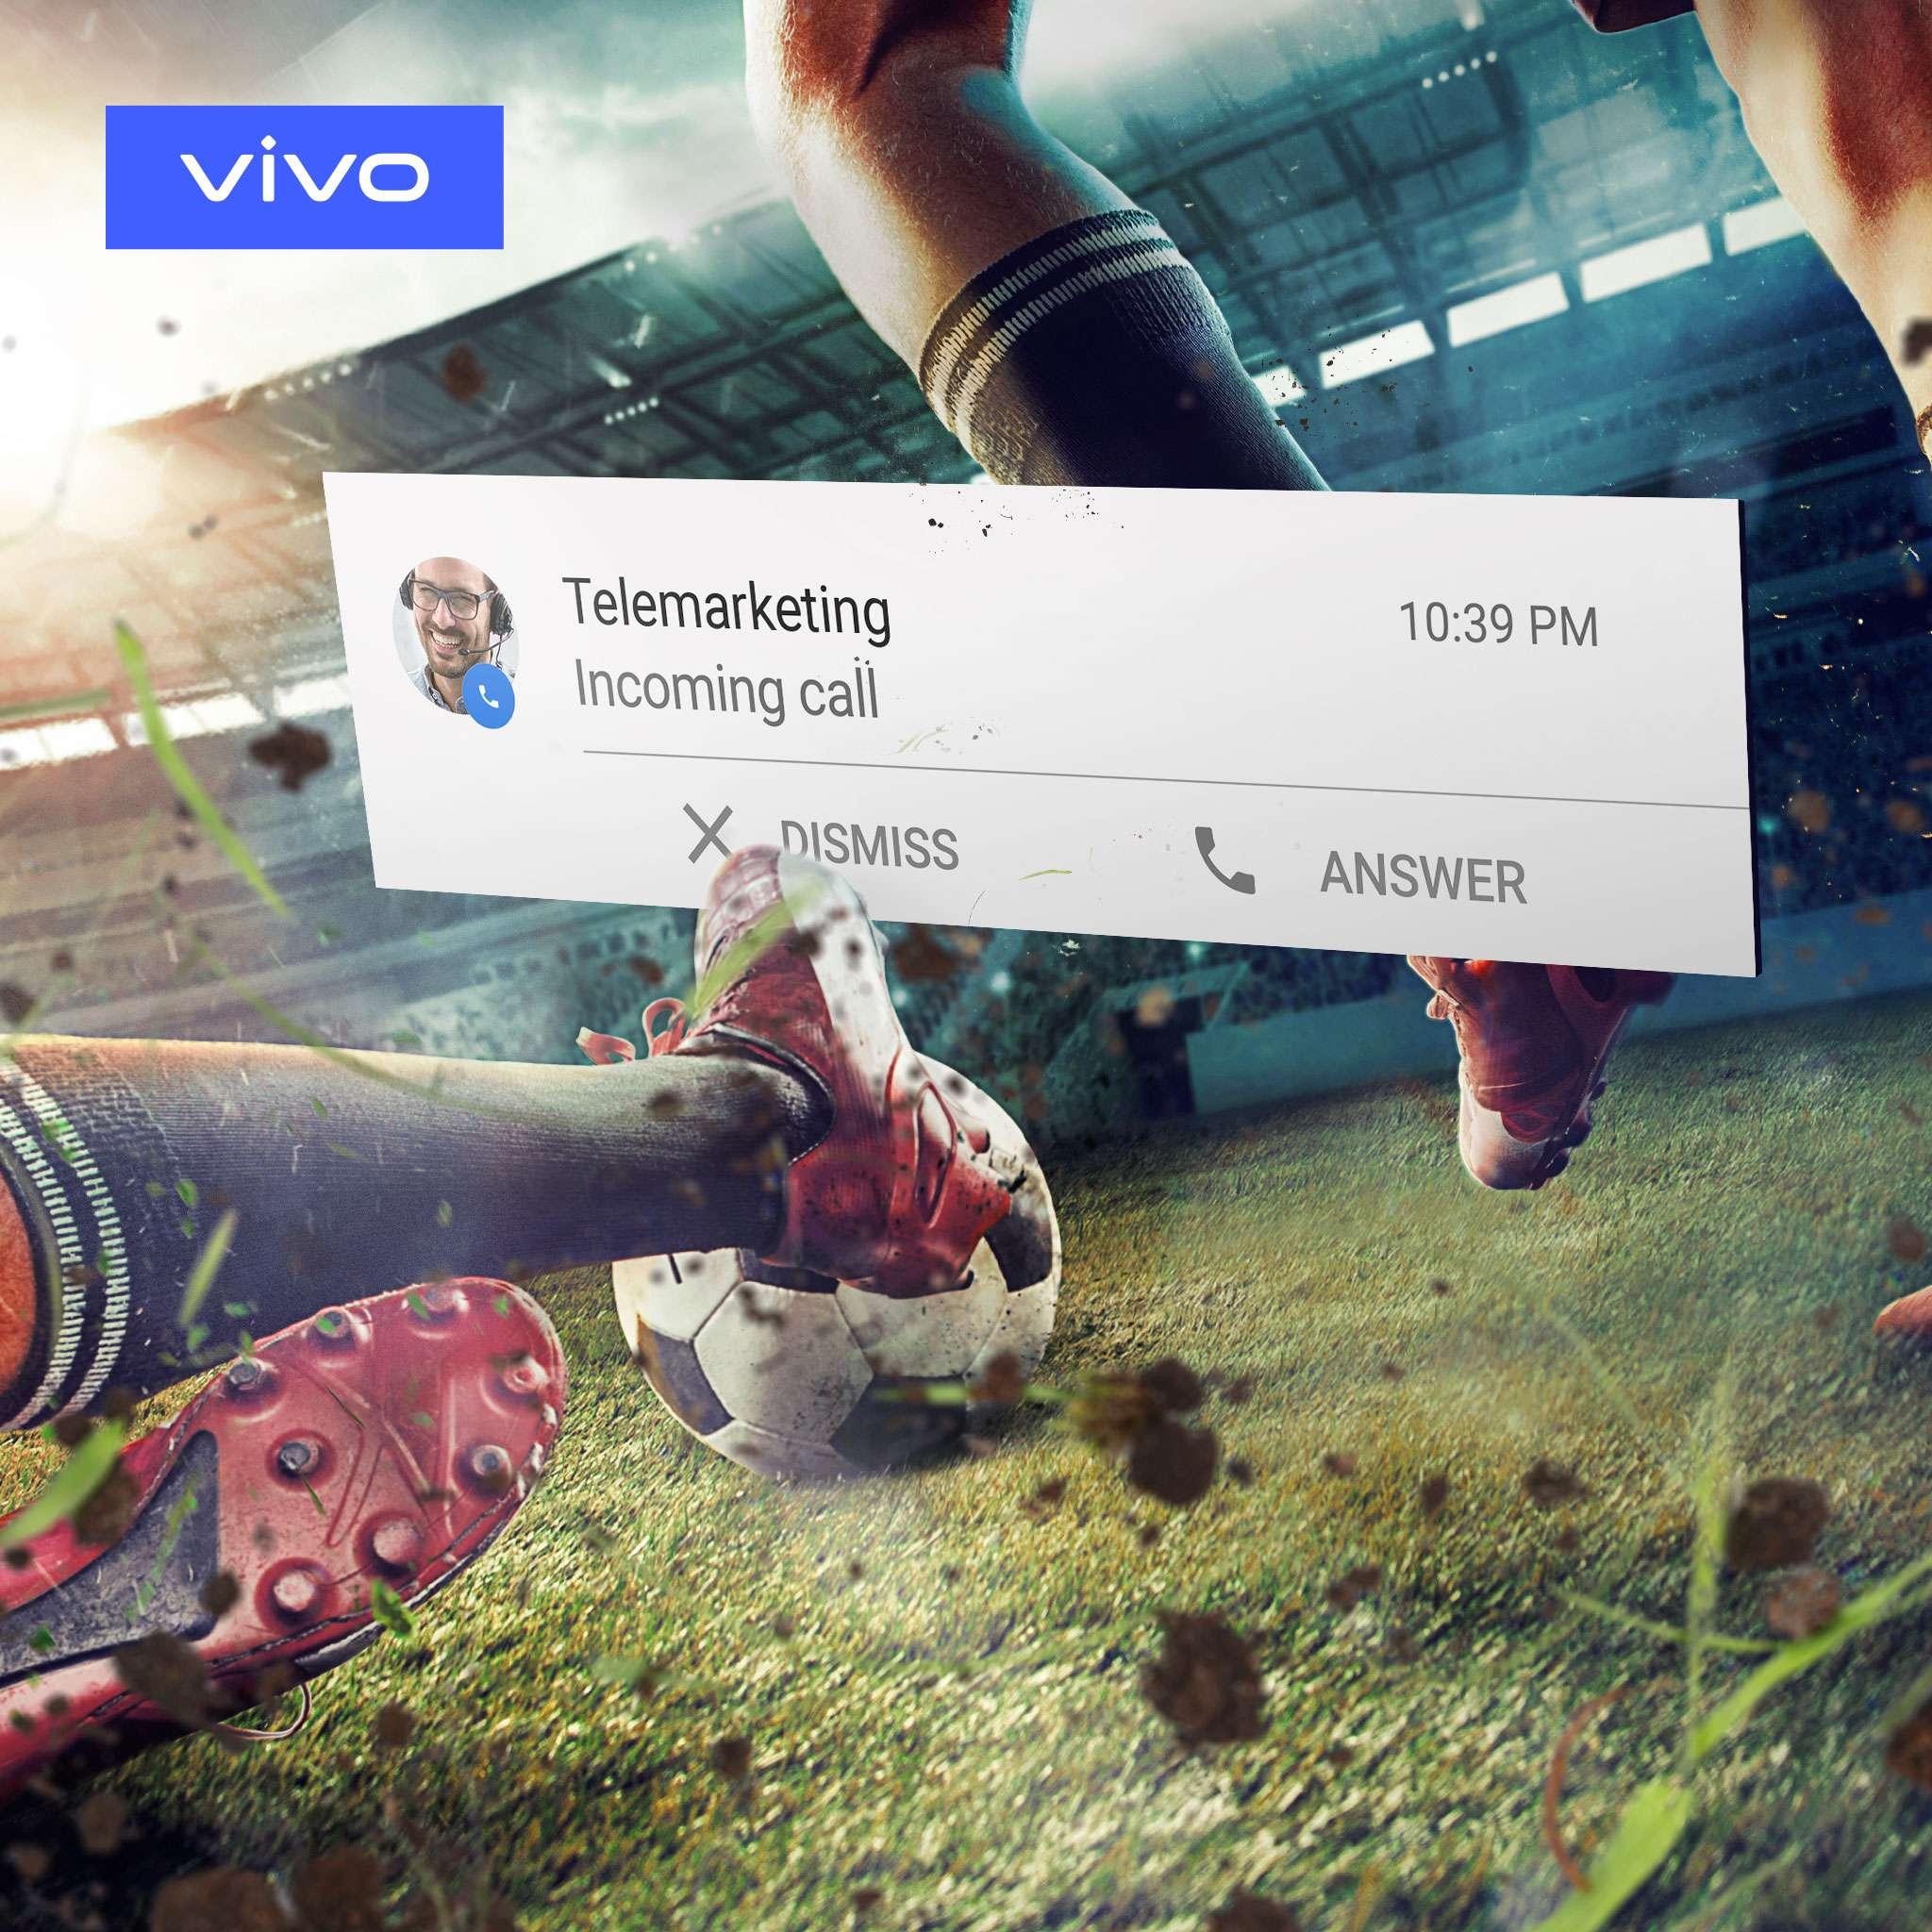 Vivo_socialPost_NonPUBG_Soccer